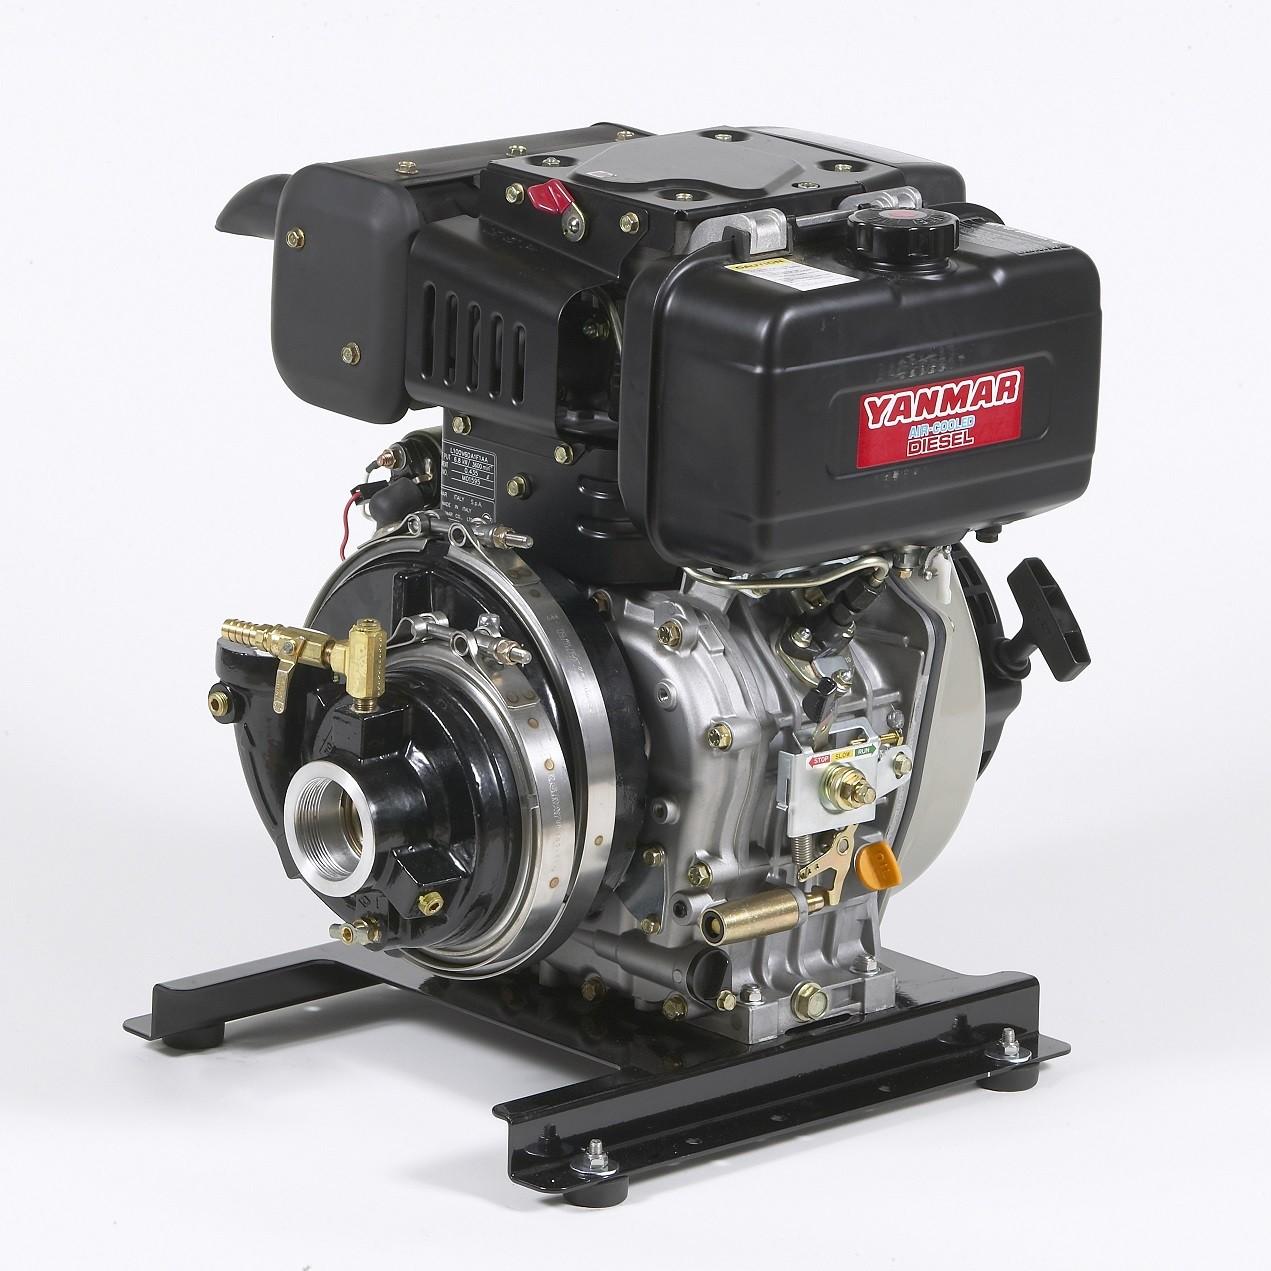 powerflow hpx75 yd9 high pressure pump hale products fuel tank wiring diagram powerflow hpx75 yd9